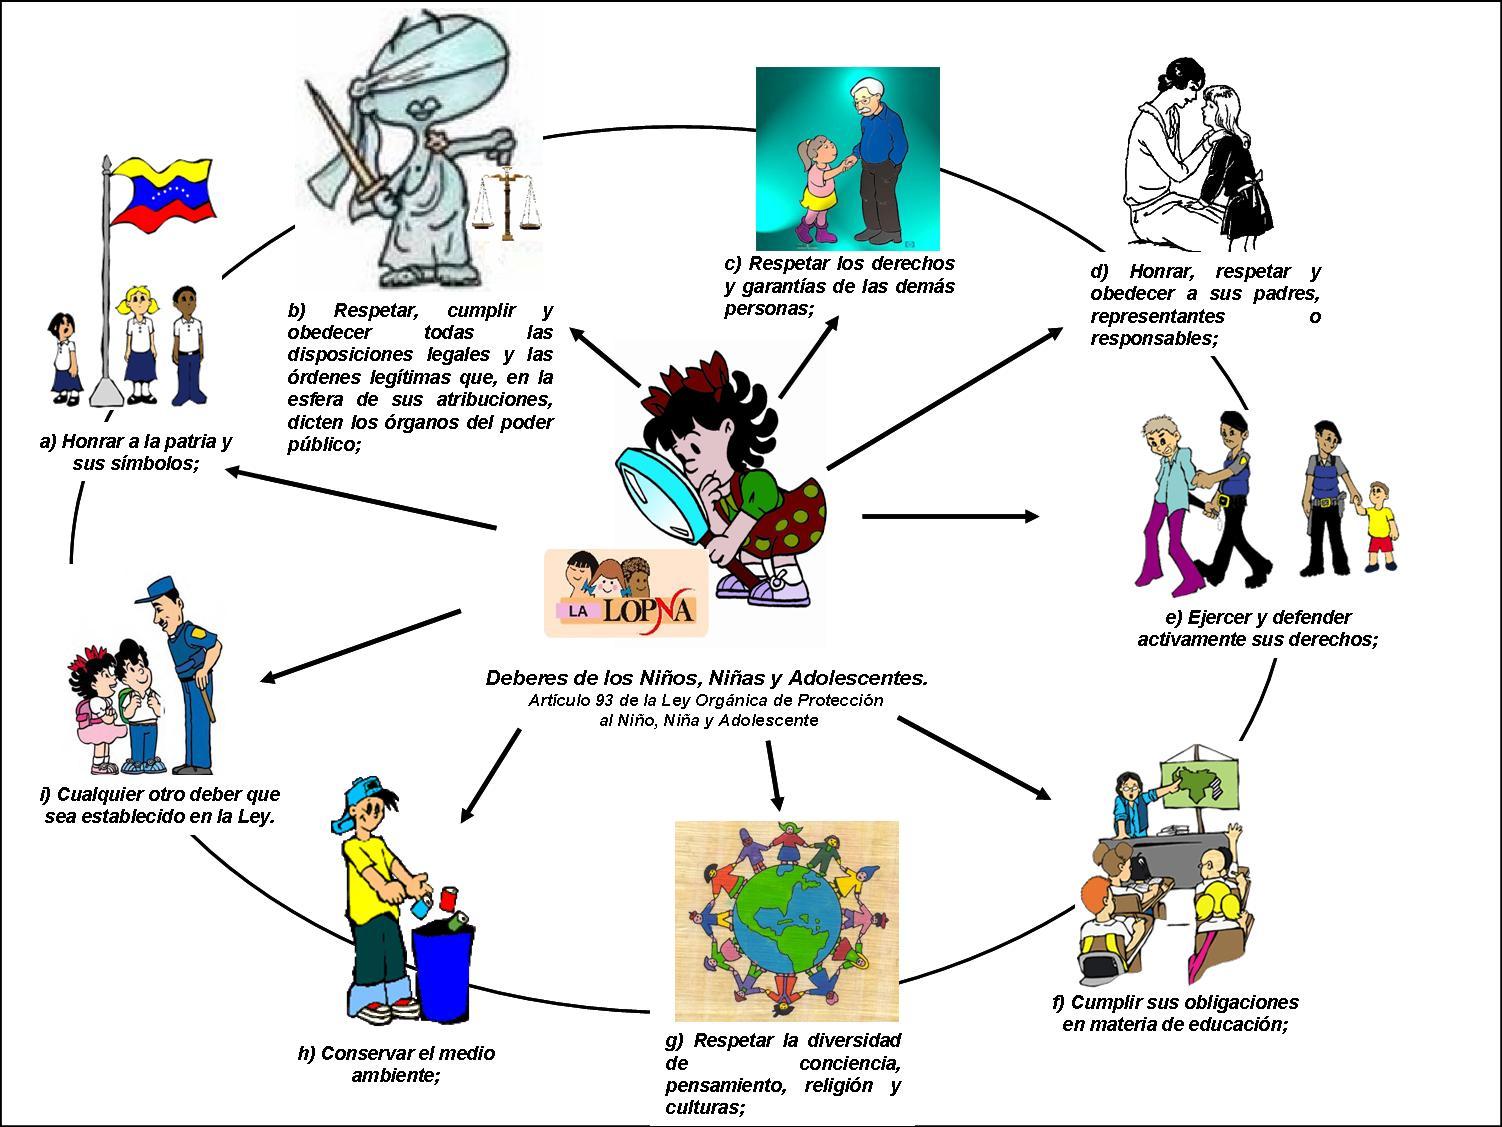 deberes y derechos de los ninos y adolescentes: